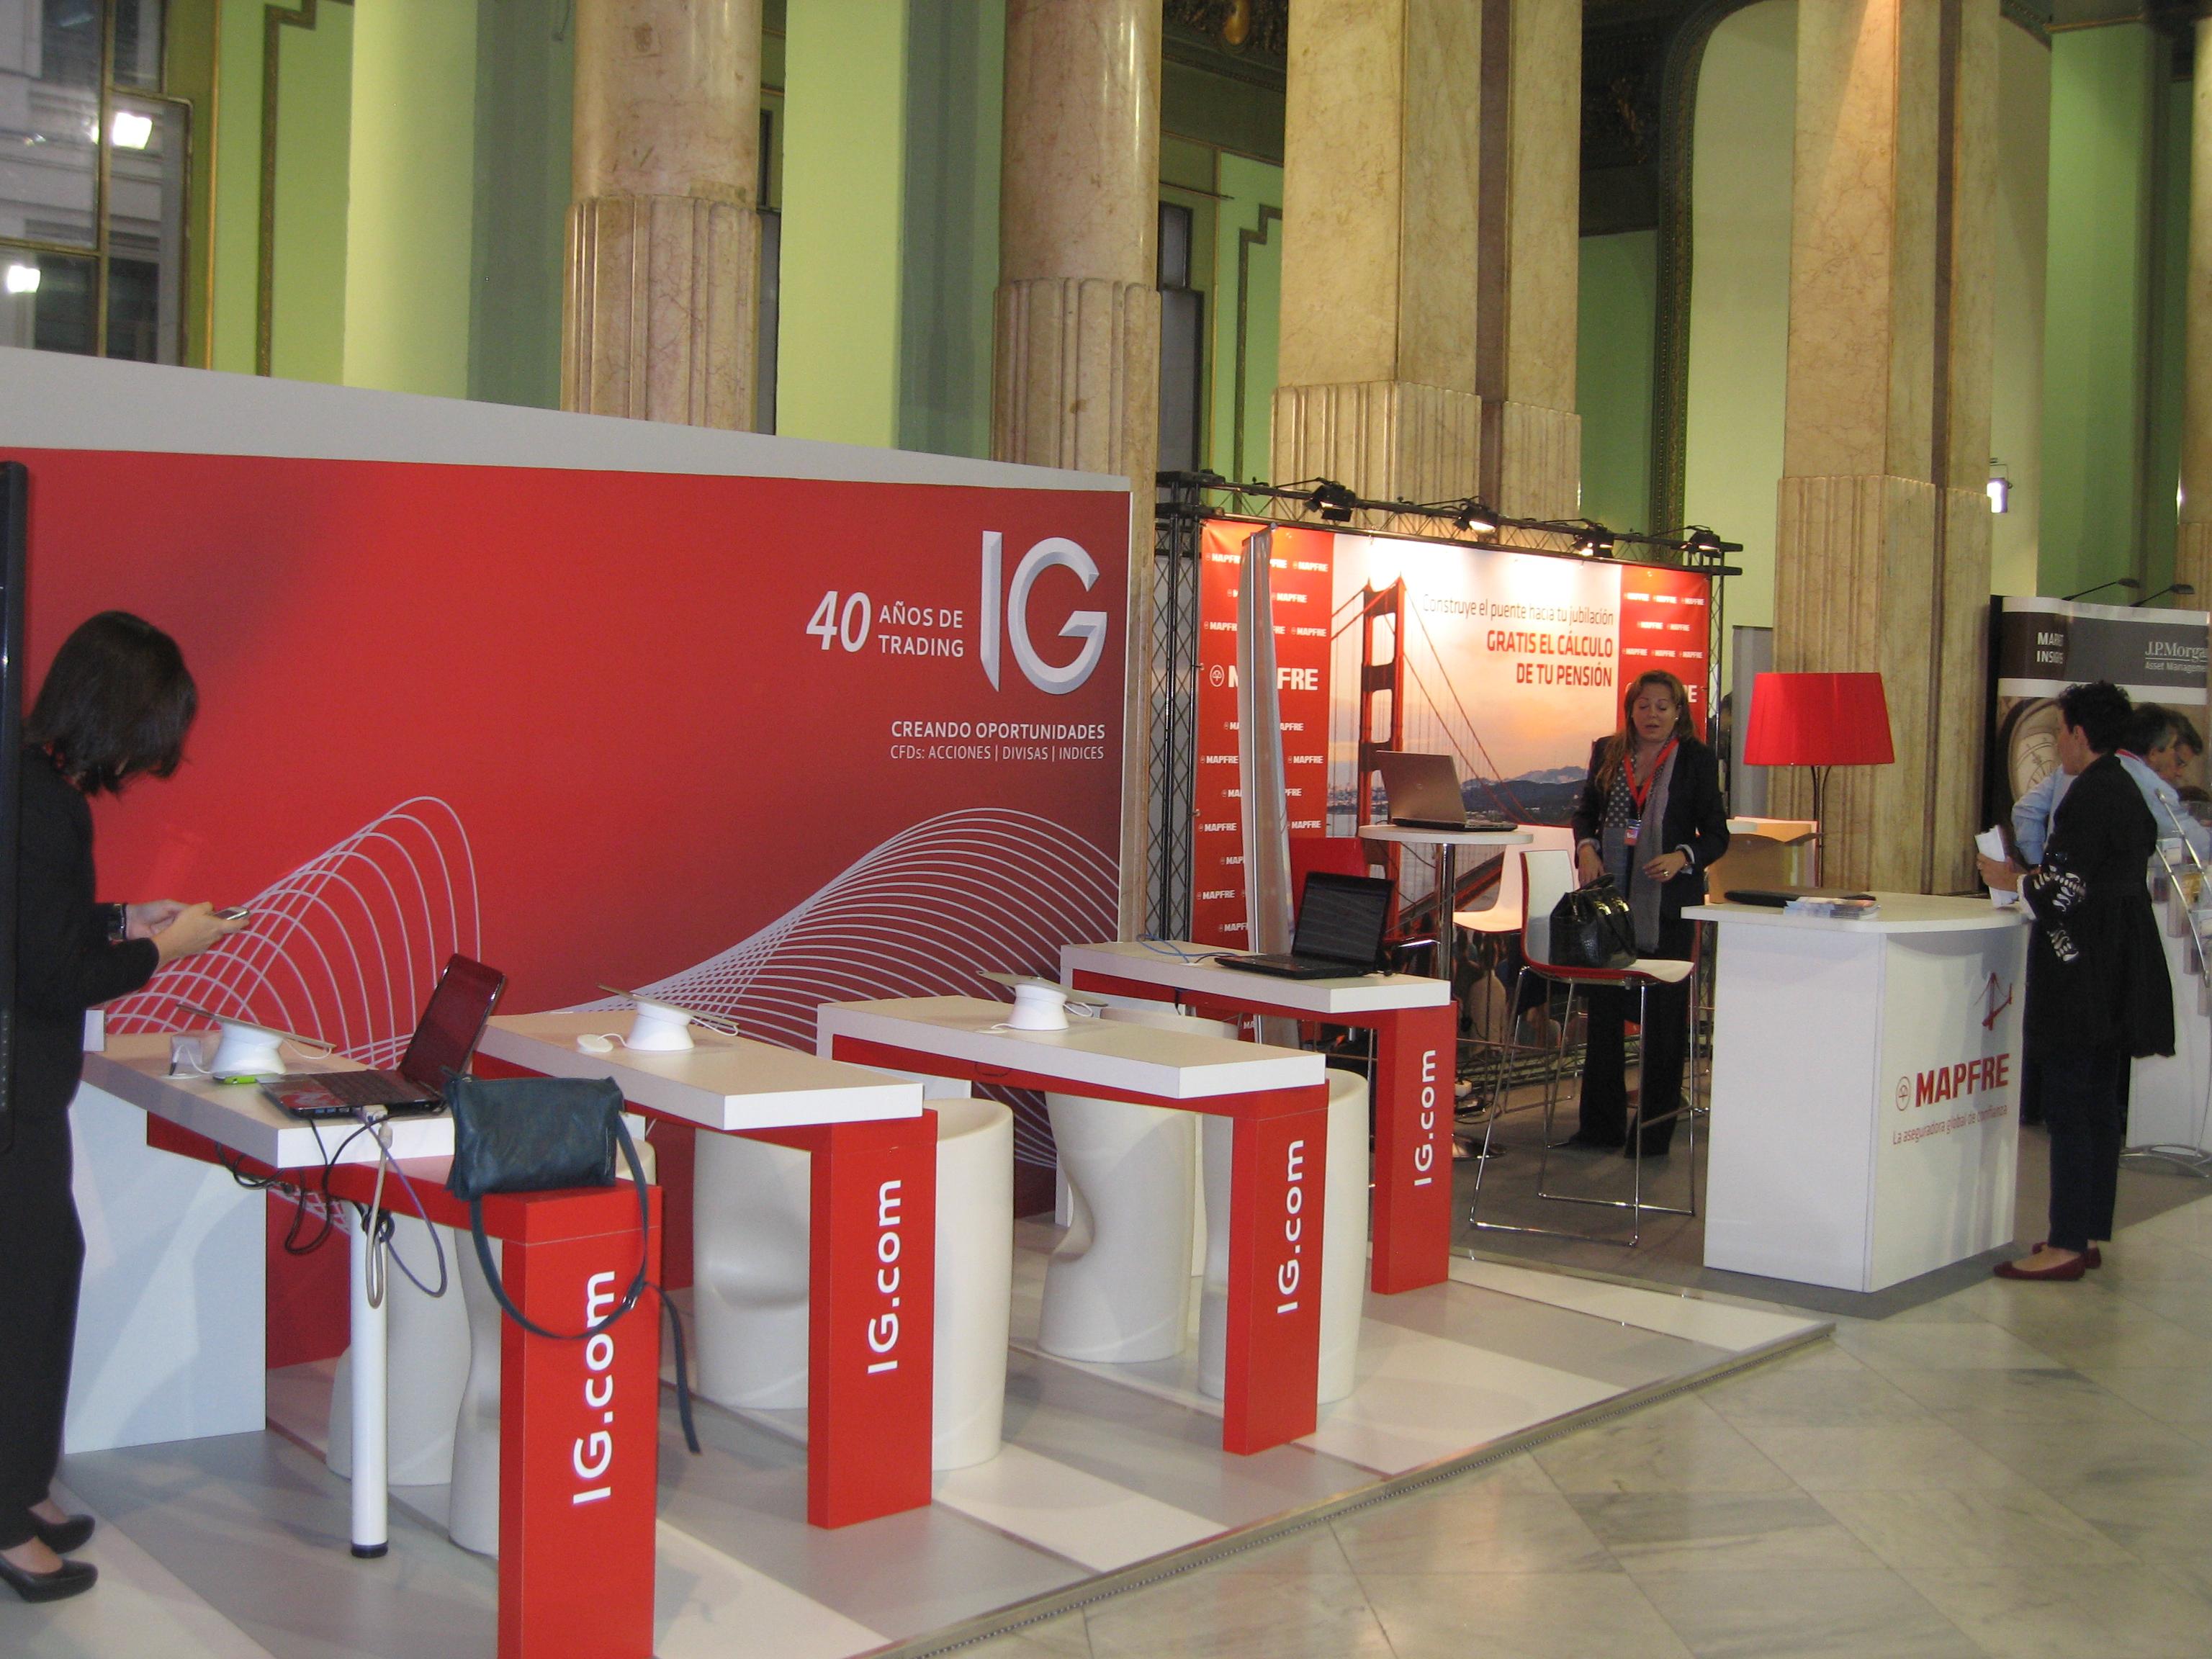 Coordinación-ExposiciónBolsalia-Di&P